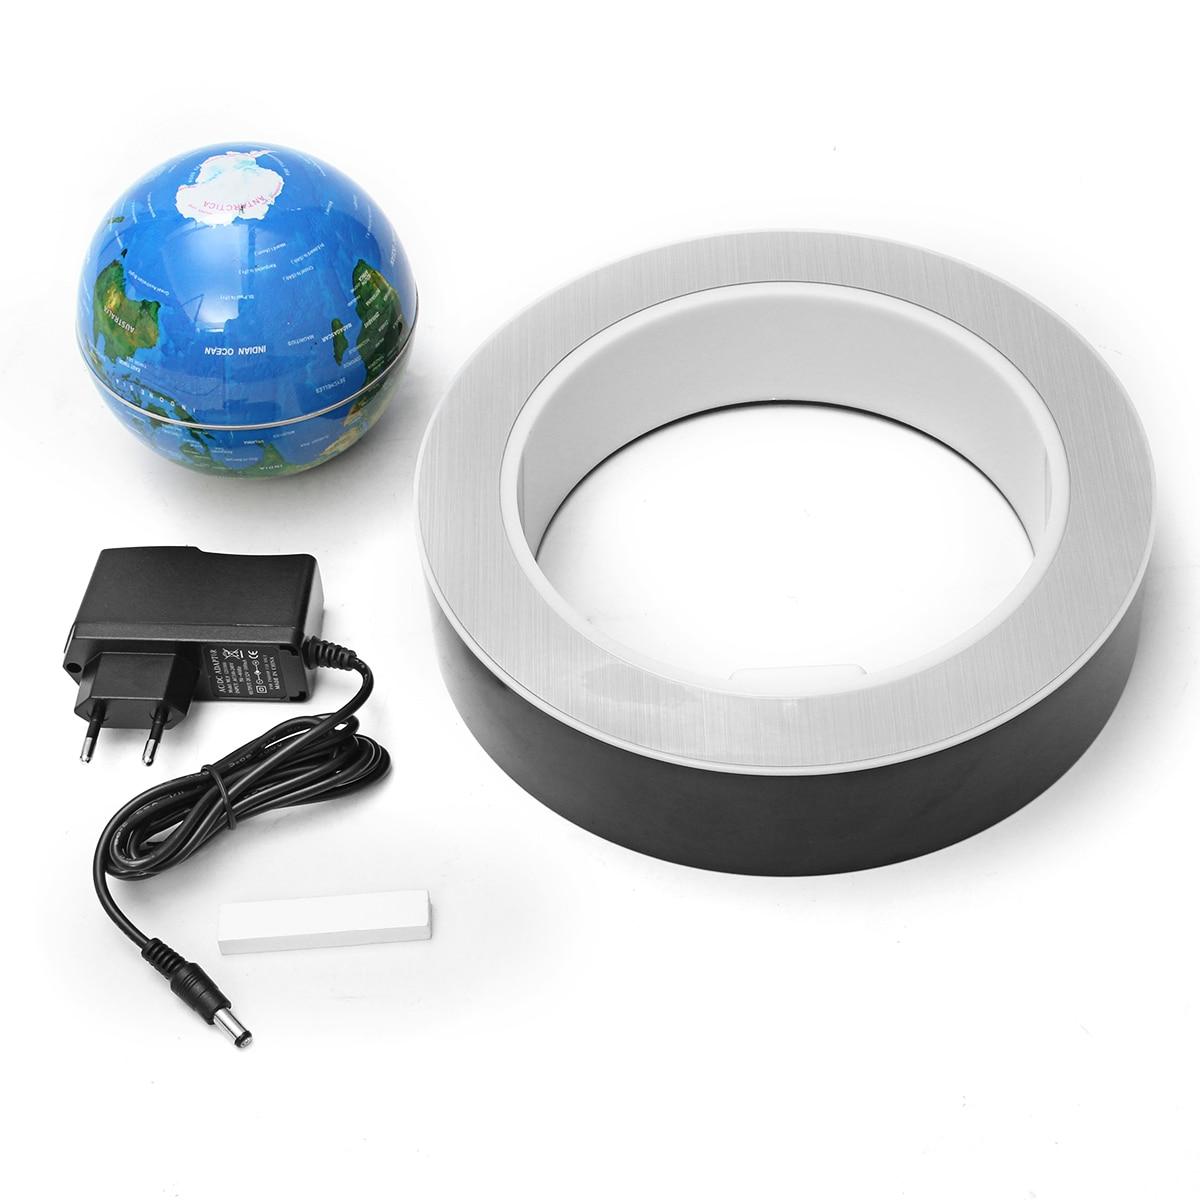 MIRUI 4 pouces lévitation magnétique Globe flottant carte du monde LED lumières lampe enfants cadeau enfants géographie jouets éducatifs école